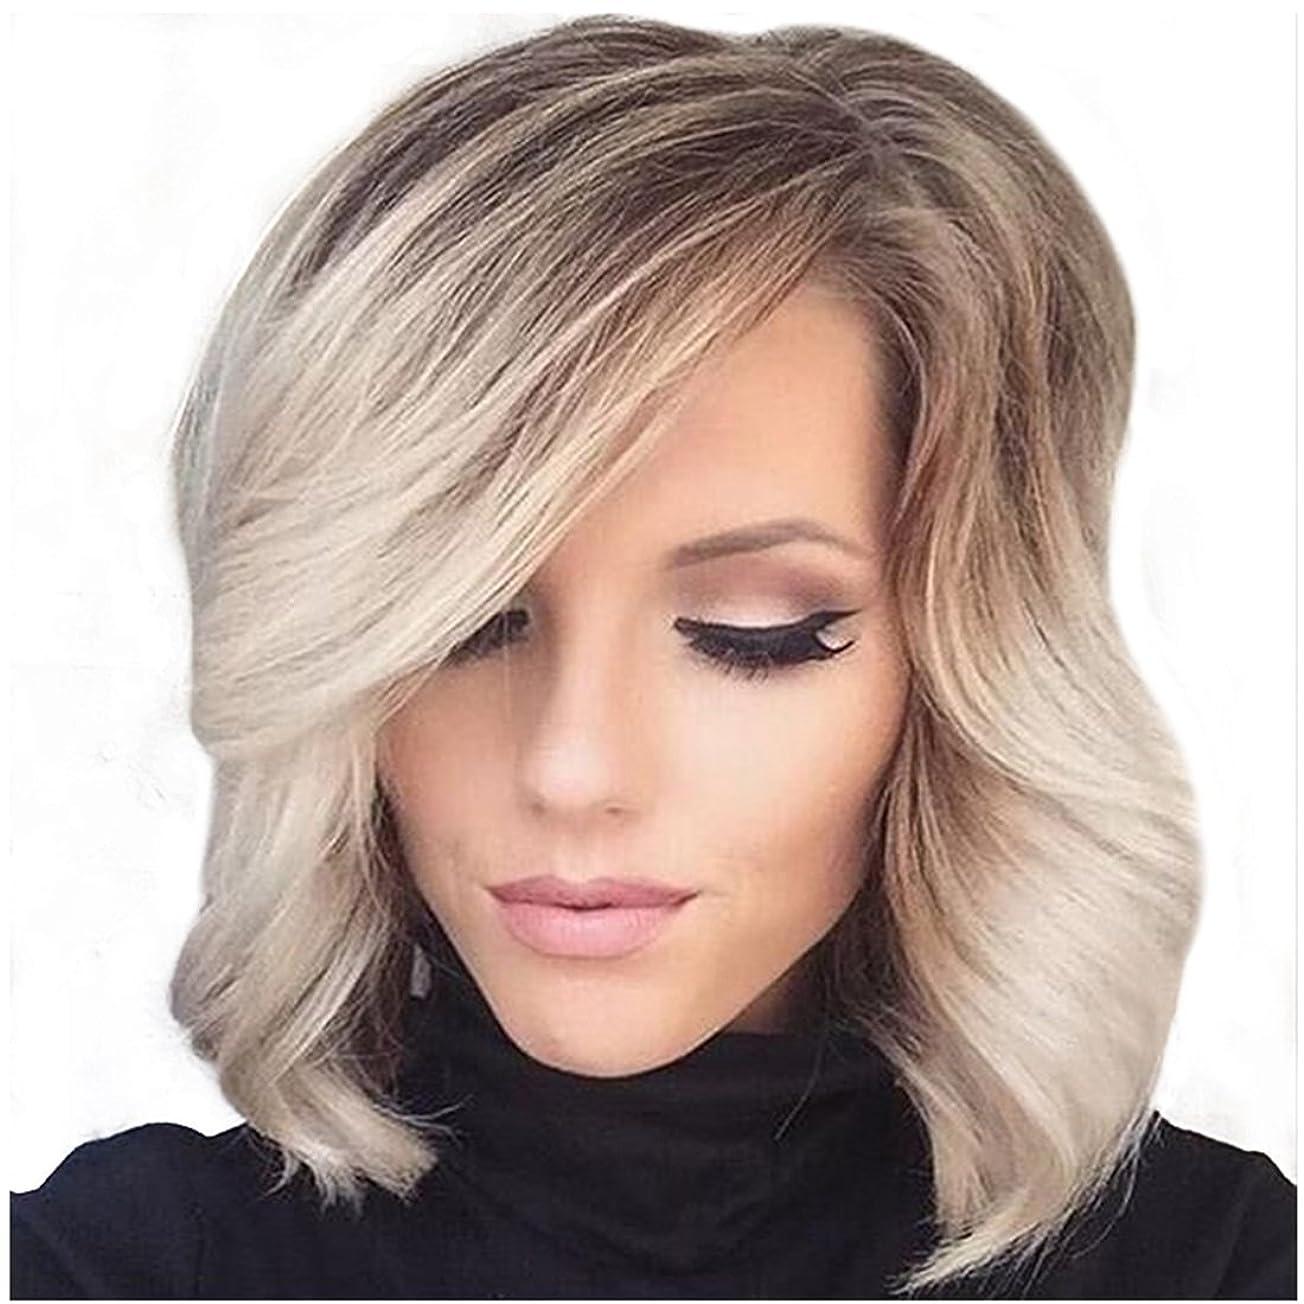 パンチ退屈目を覚ますJIANFU 女性のための合成のカーリーヘアウィッグ斜めのバンズ付きの短いヘアマイクロボリュームウィッグ耐熱繊維20cm / 30cm(シルバーグレー、グラデーションシルバーグレー) (Color : Gradient silver grey)